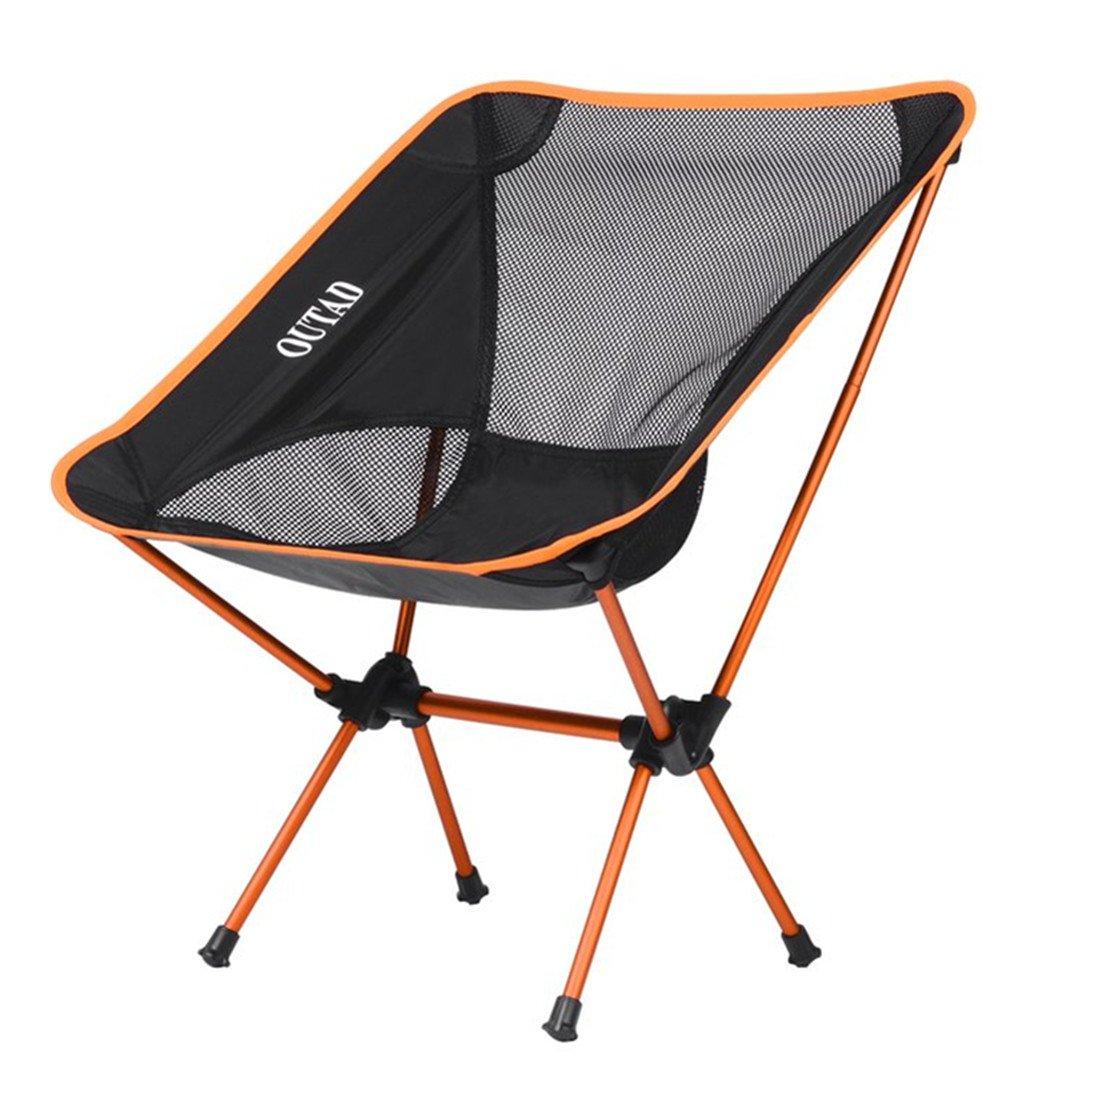 outad silla de camping silla de pesca plegable silla ...